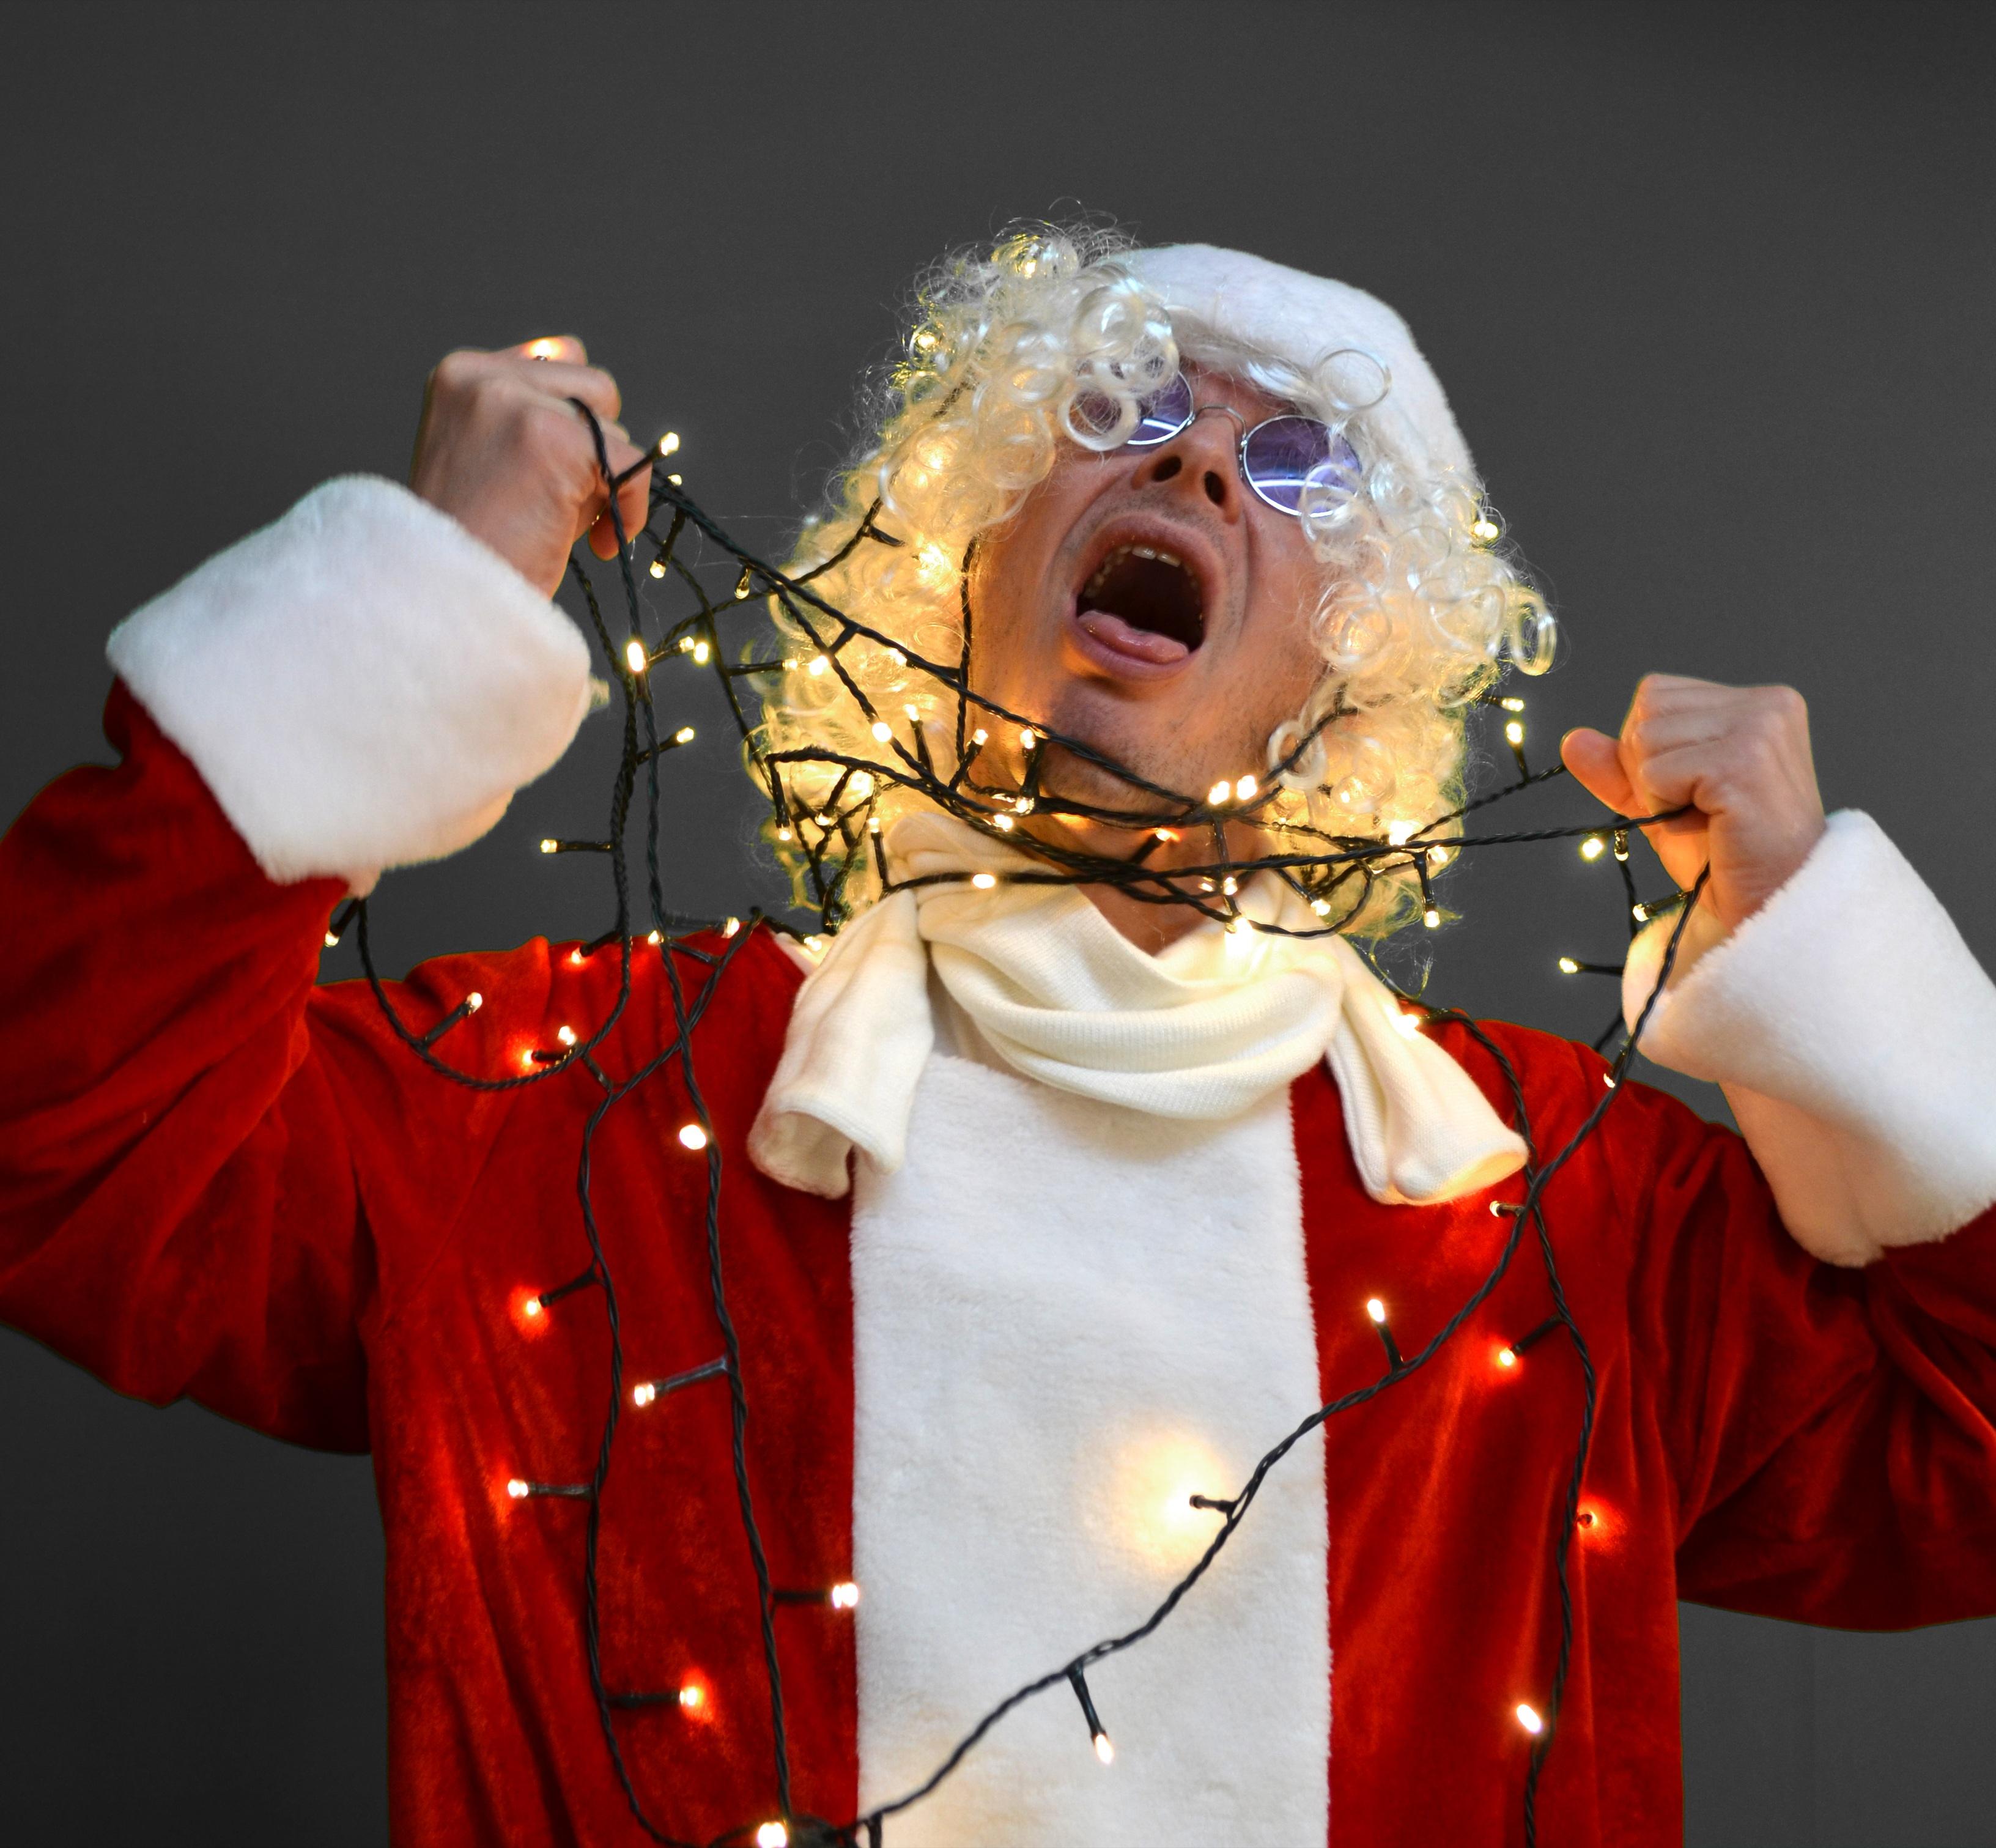 Kostenlose foto : Musiker, Kleidung, Weihnachten, Santa, Schrei ...